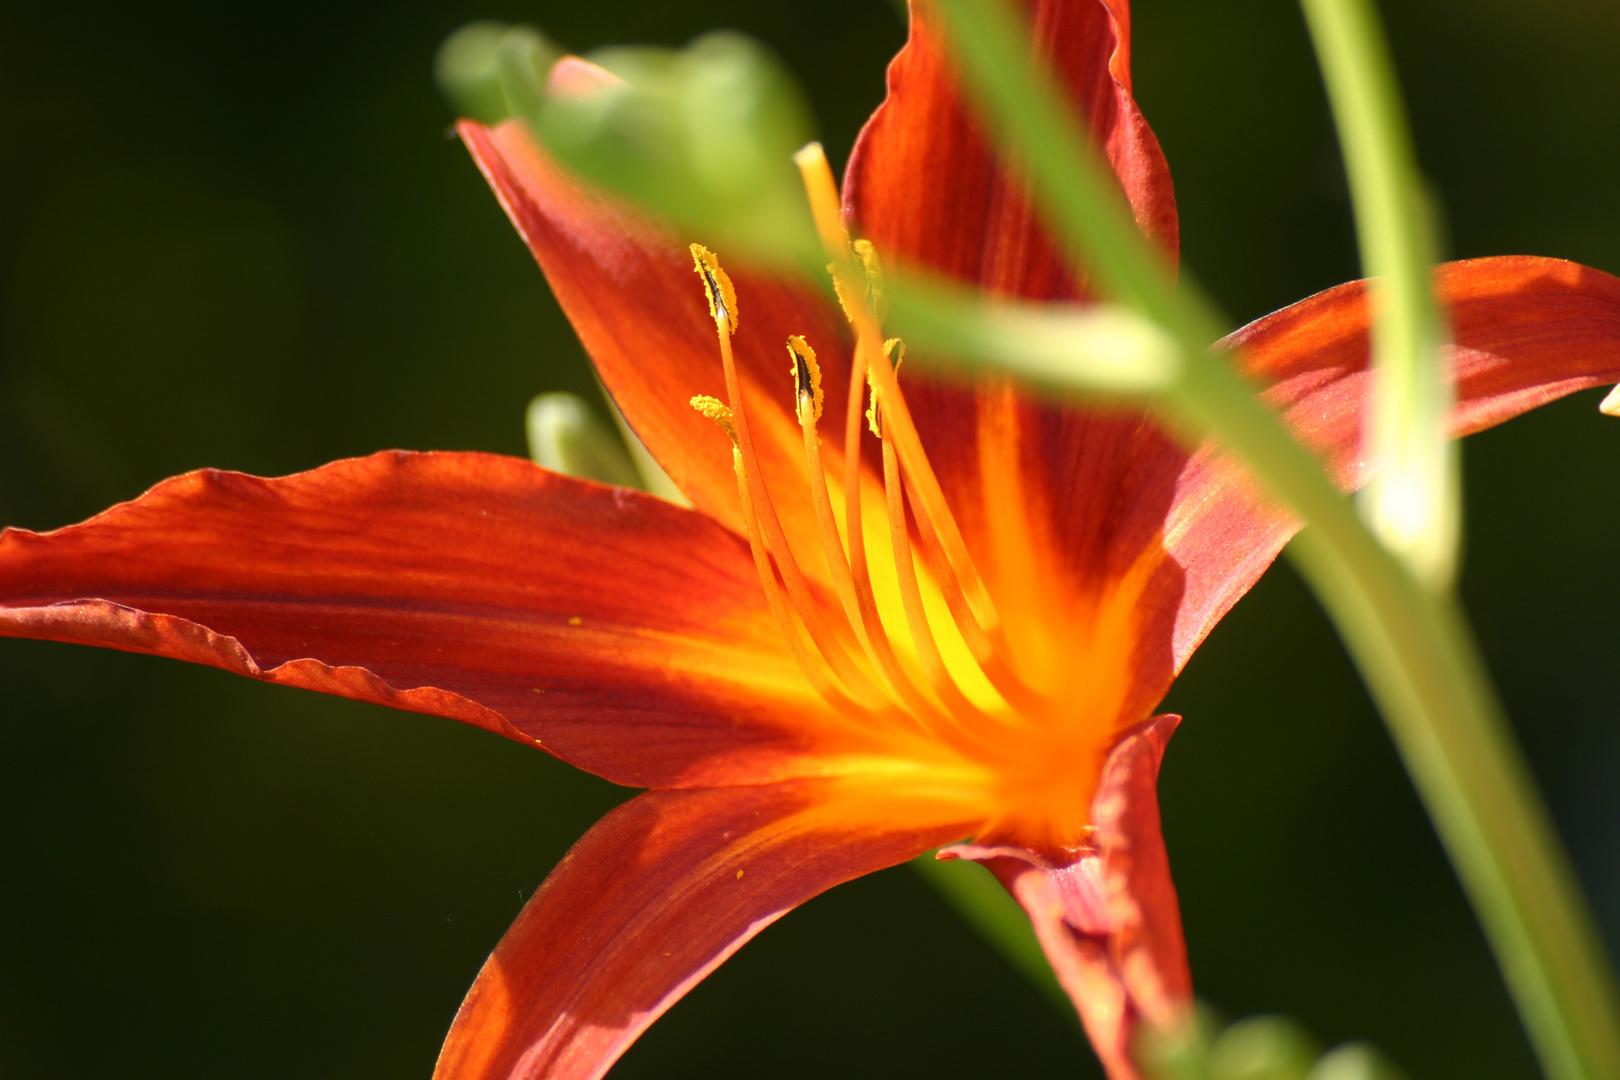 Lilie seitlich